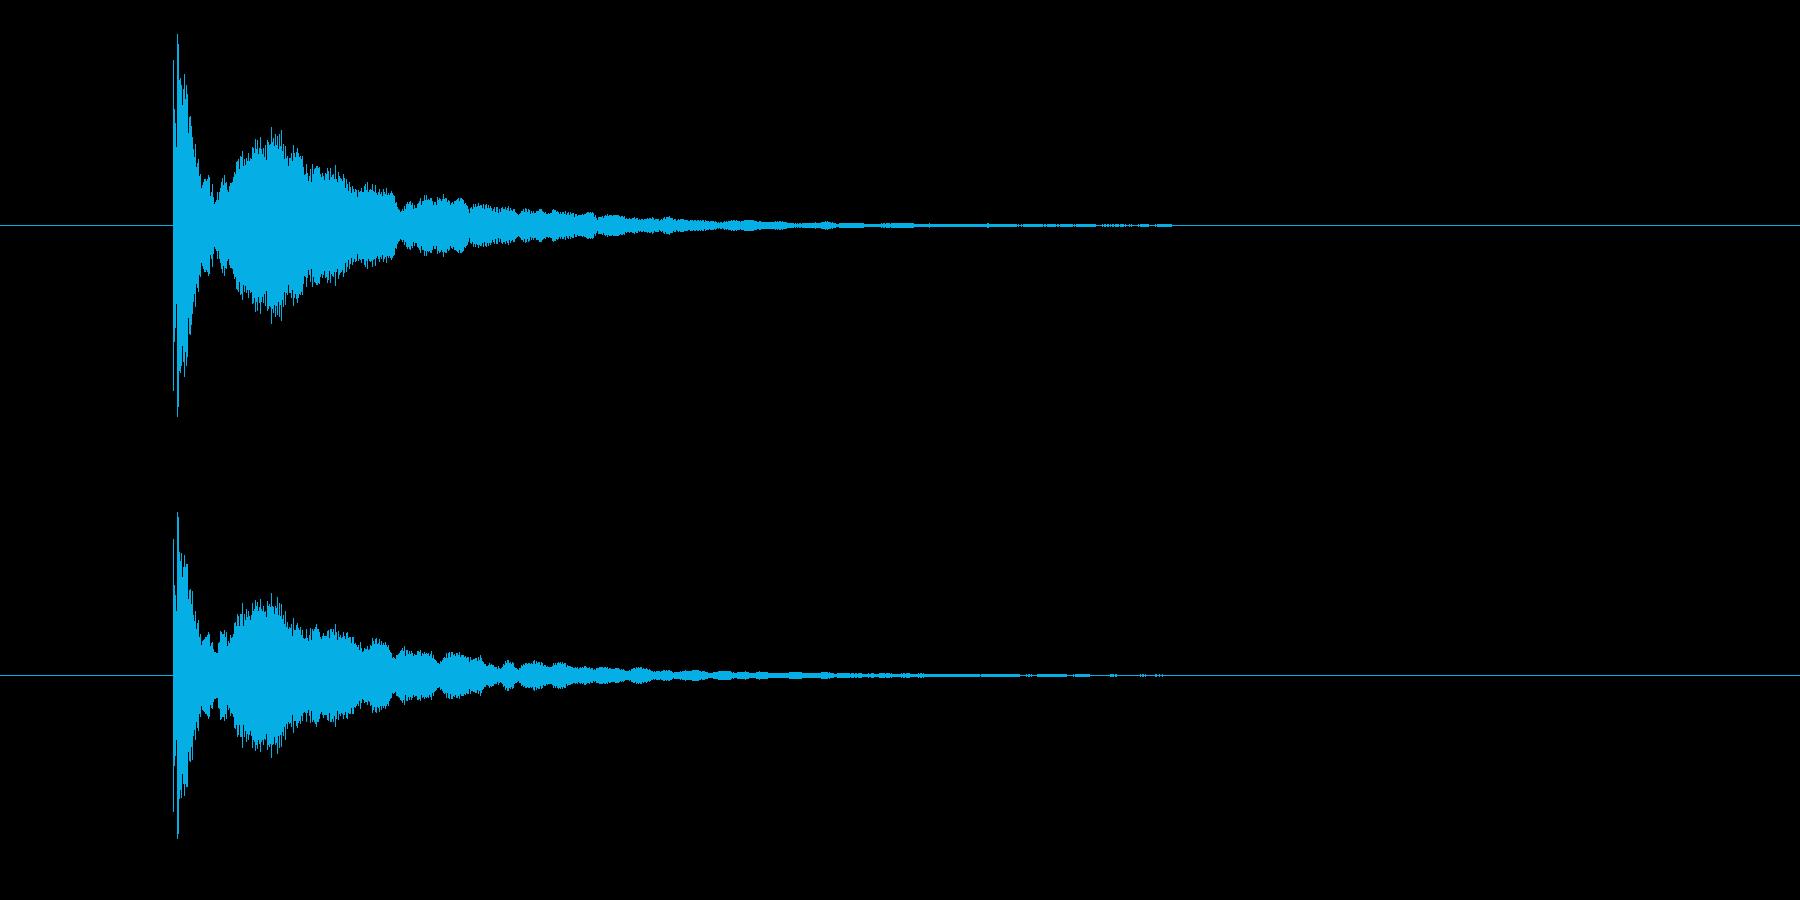 ピ~ン(余韻のあるシンプルな出題音)の再生済みの波形